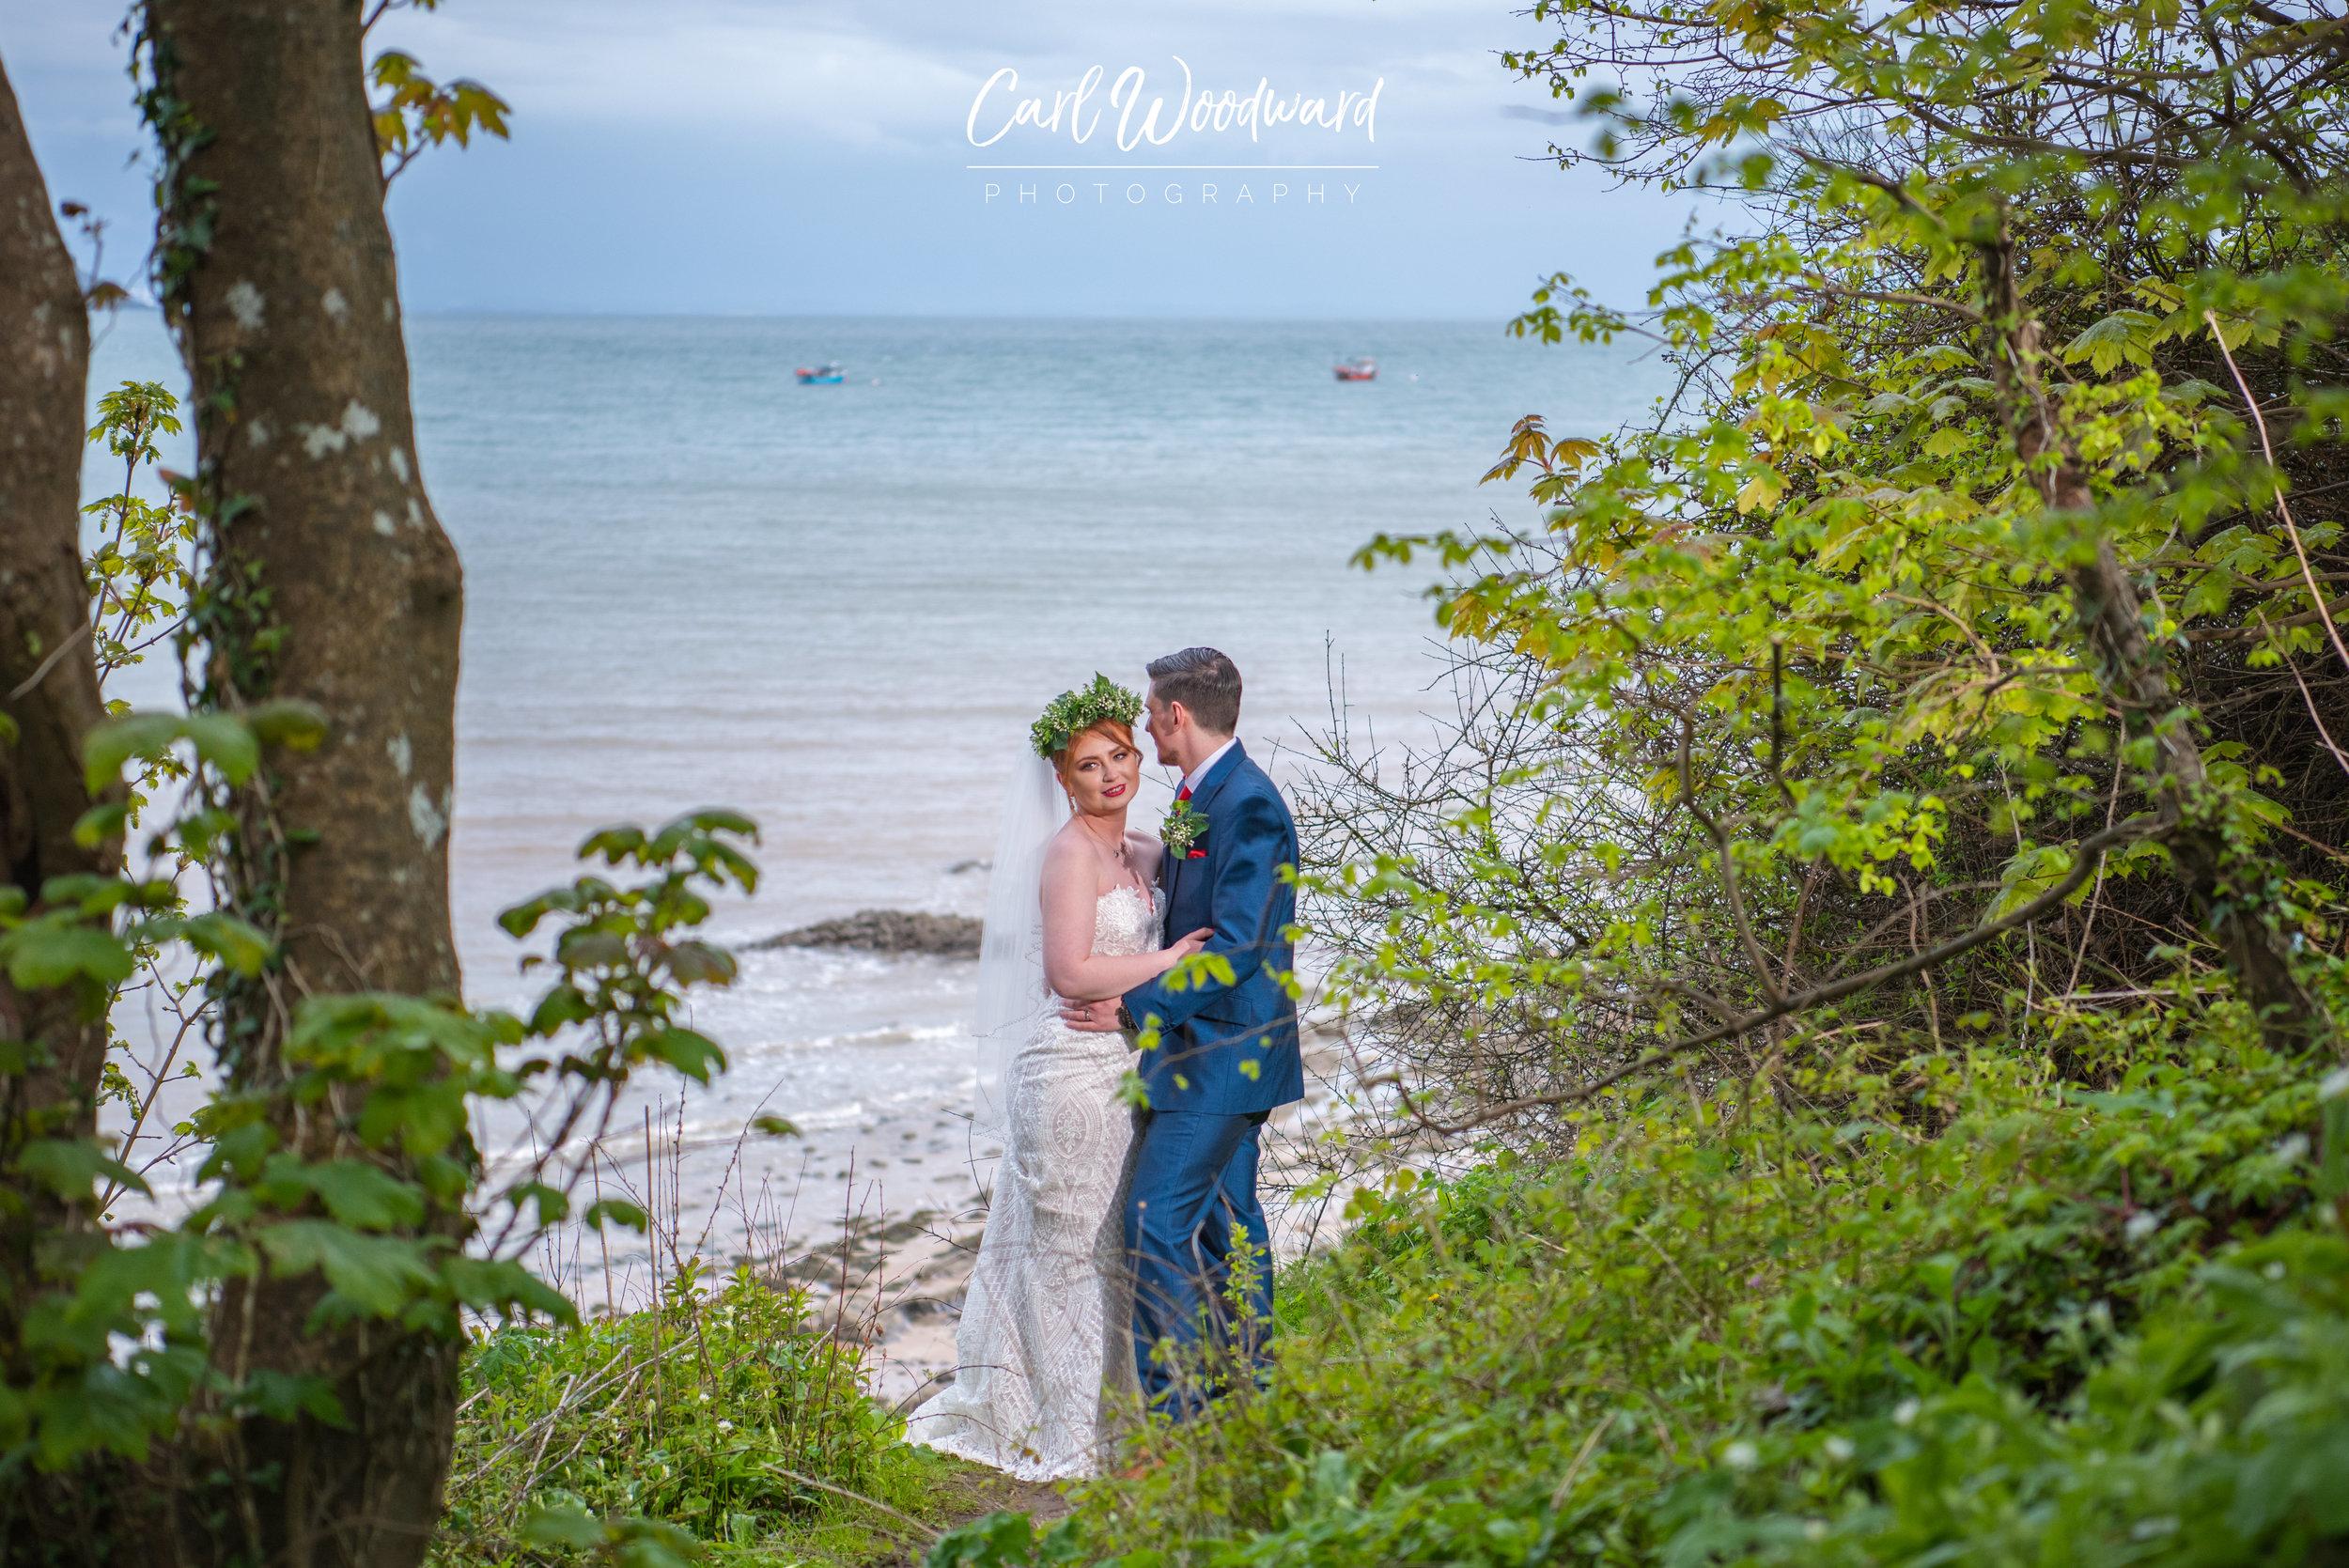 013-Oxwich-Bay-Hotel-Weddings.jpg